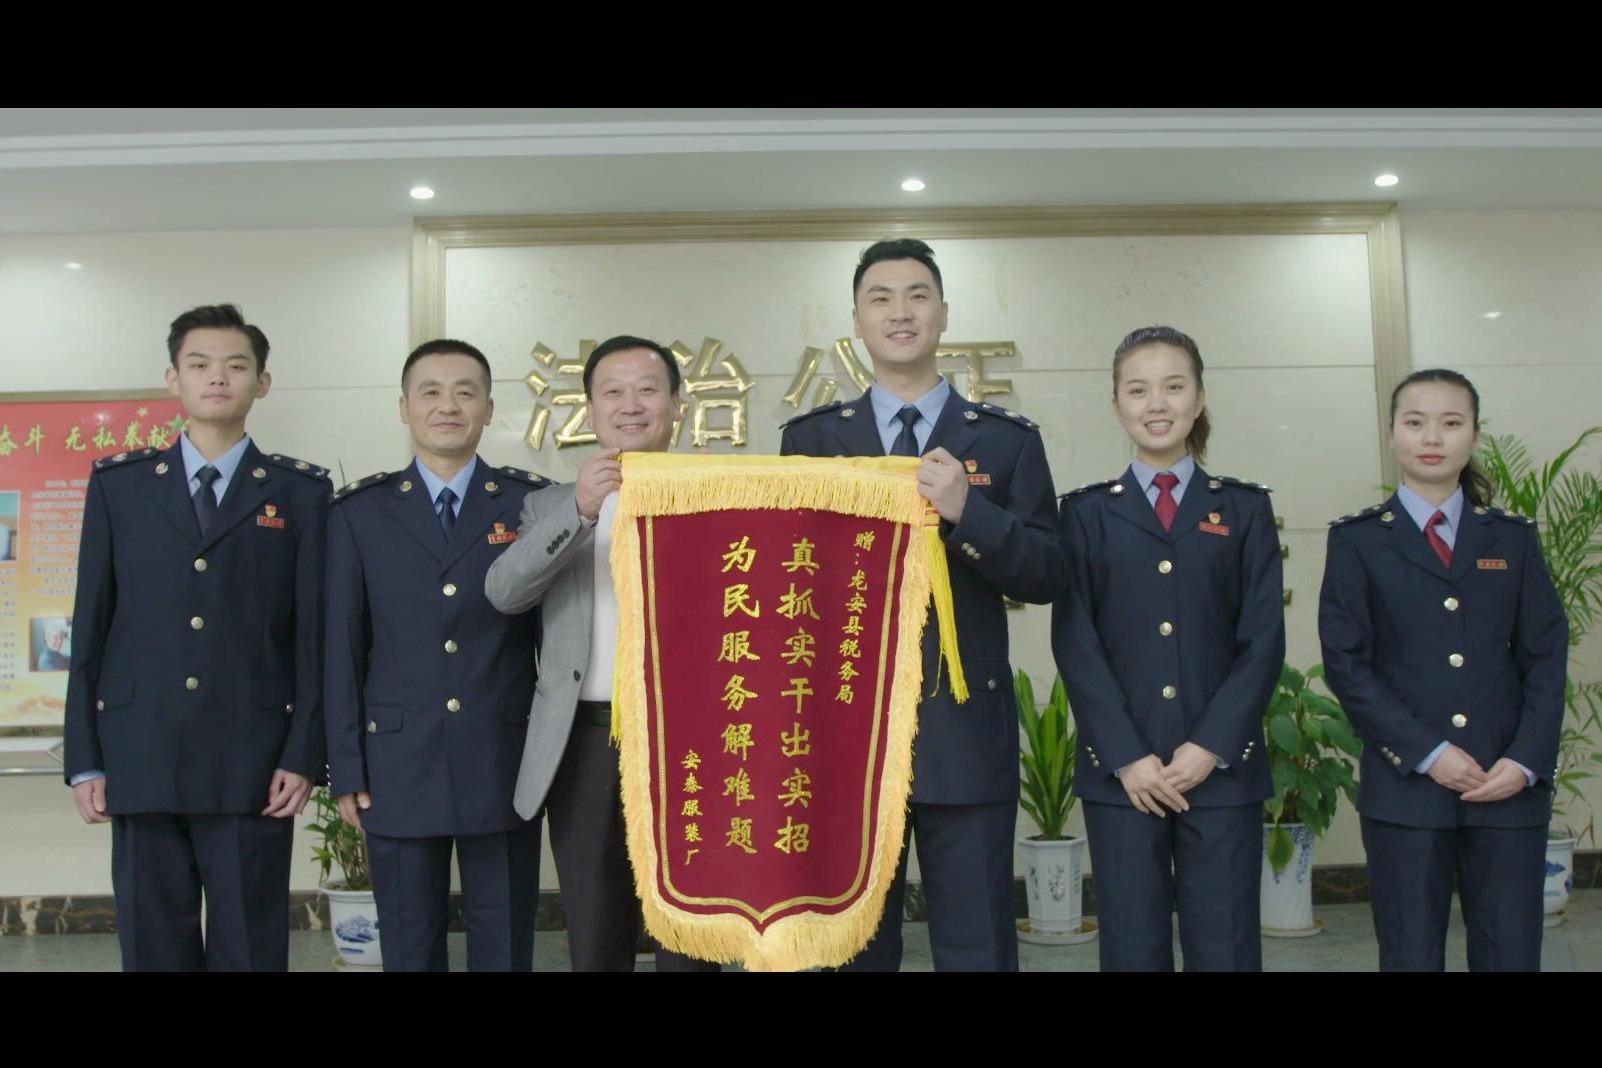 安义县税务局微电影作品《使命》